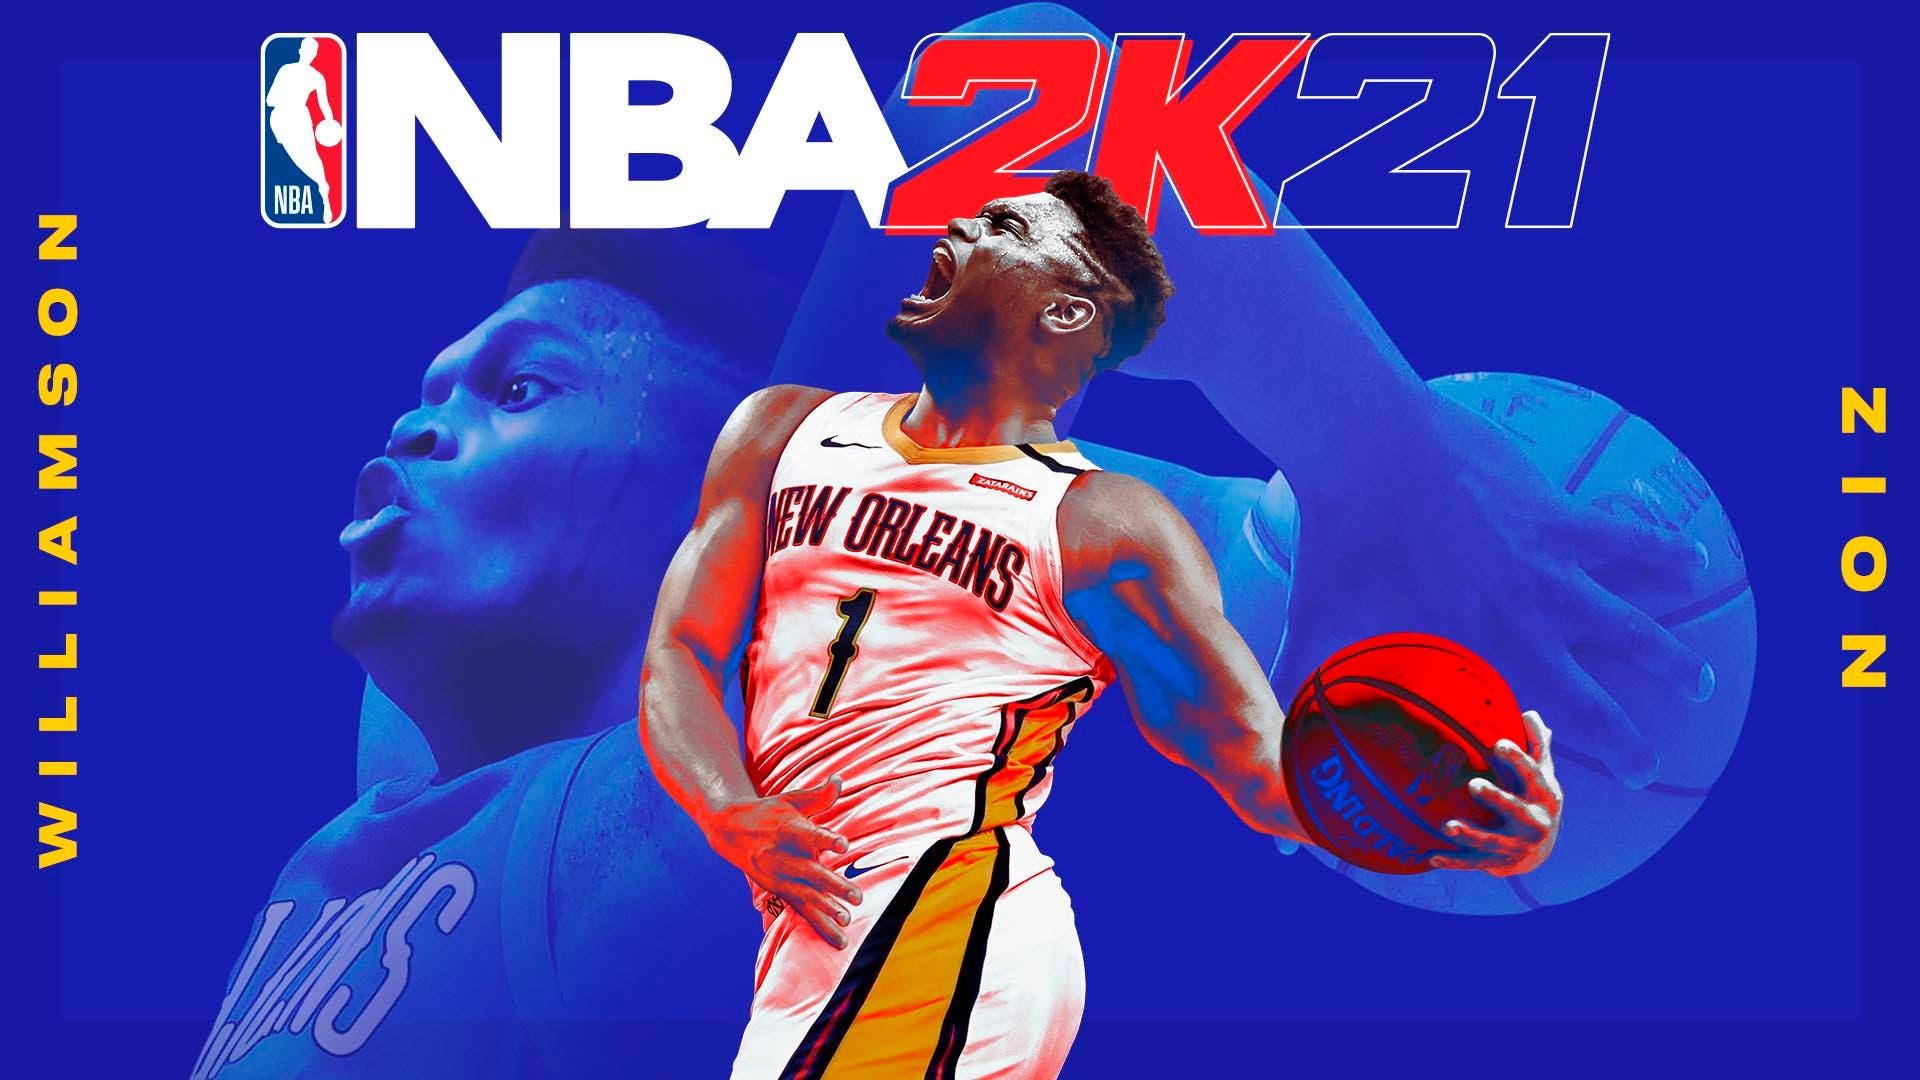 Confirmado otro jugador para la portada de NBA 2k21 para la versión de Xbox Series X 3